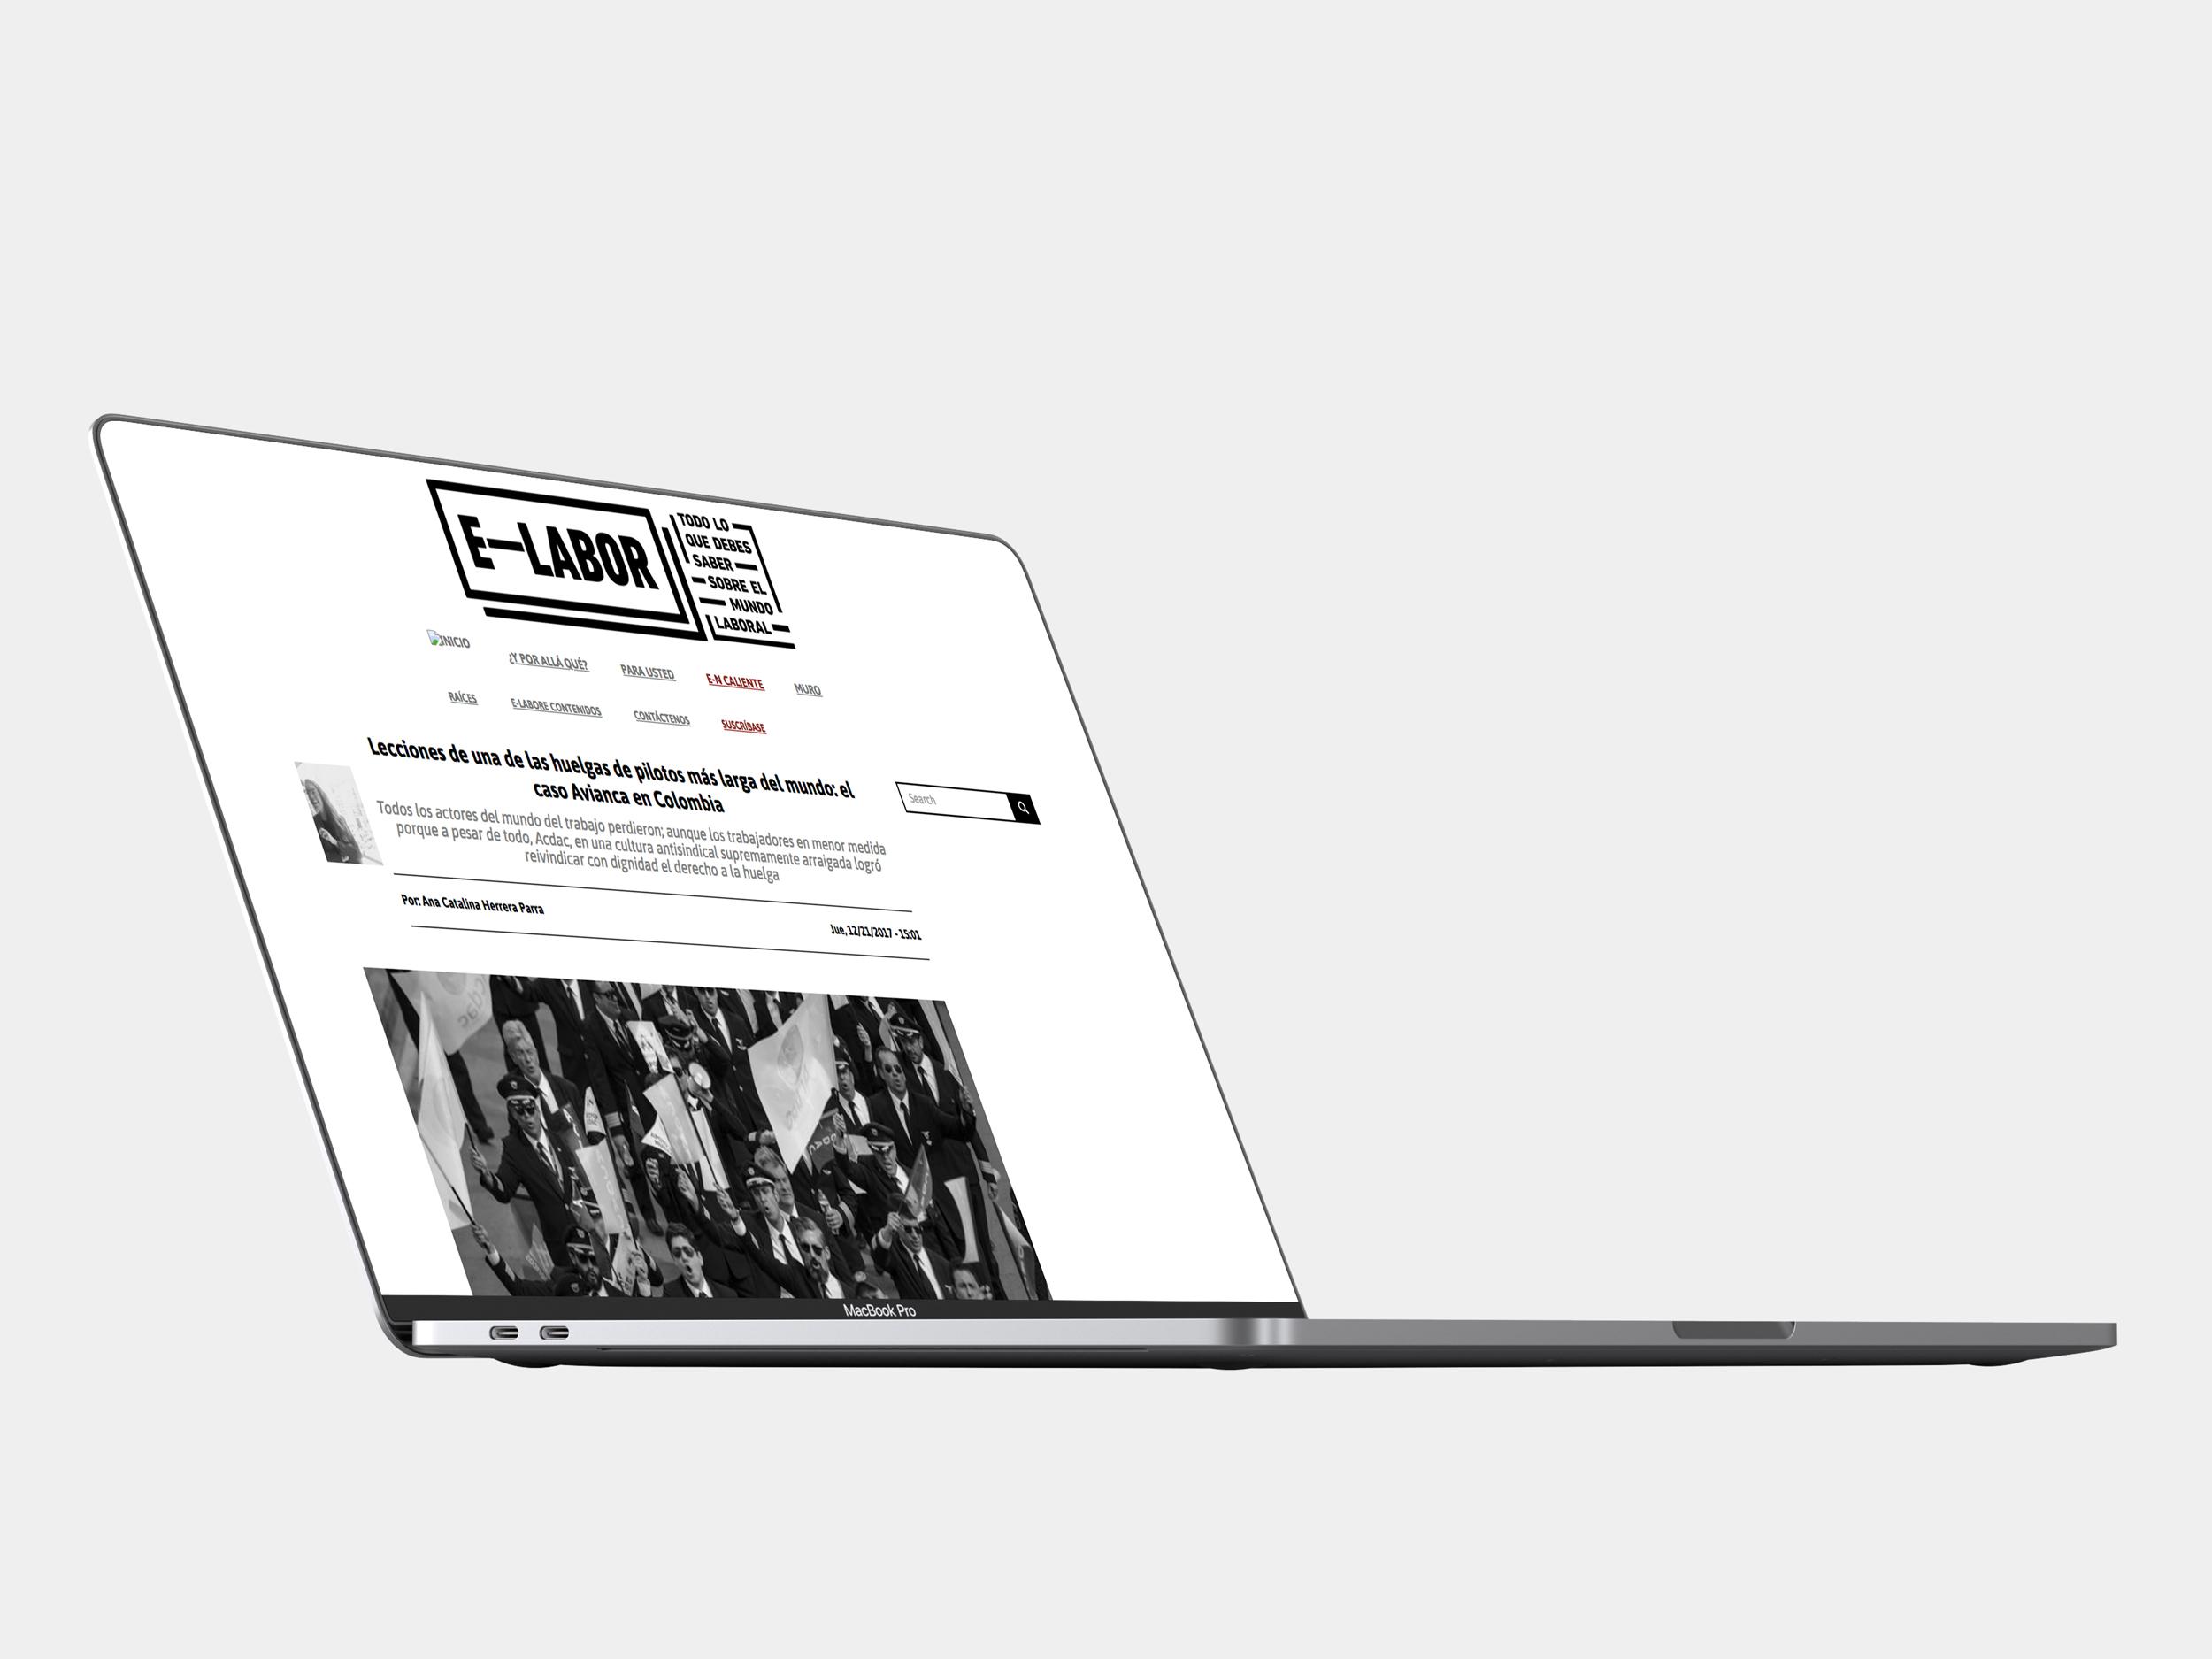 e-labor-magazine